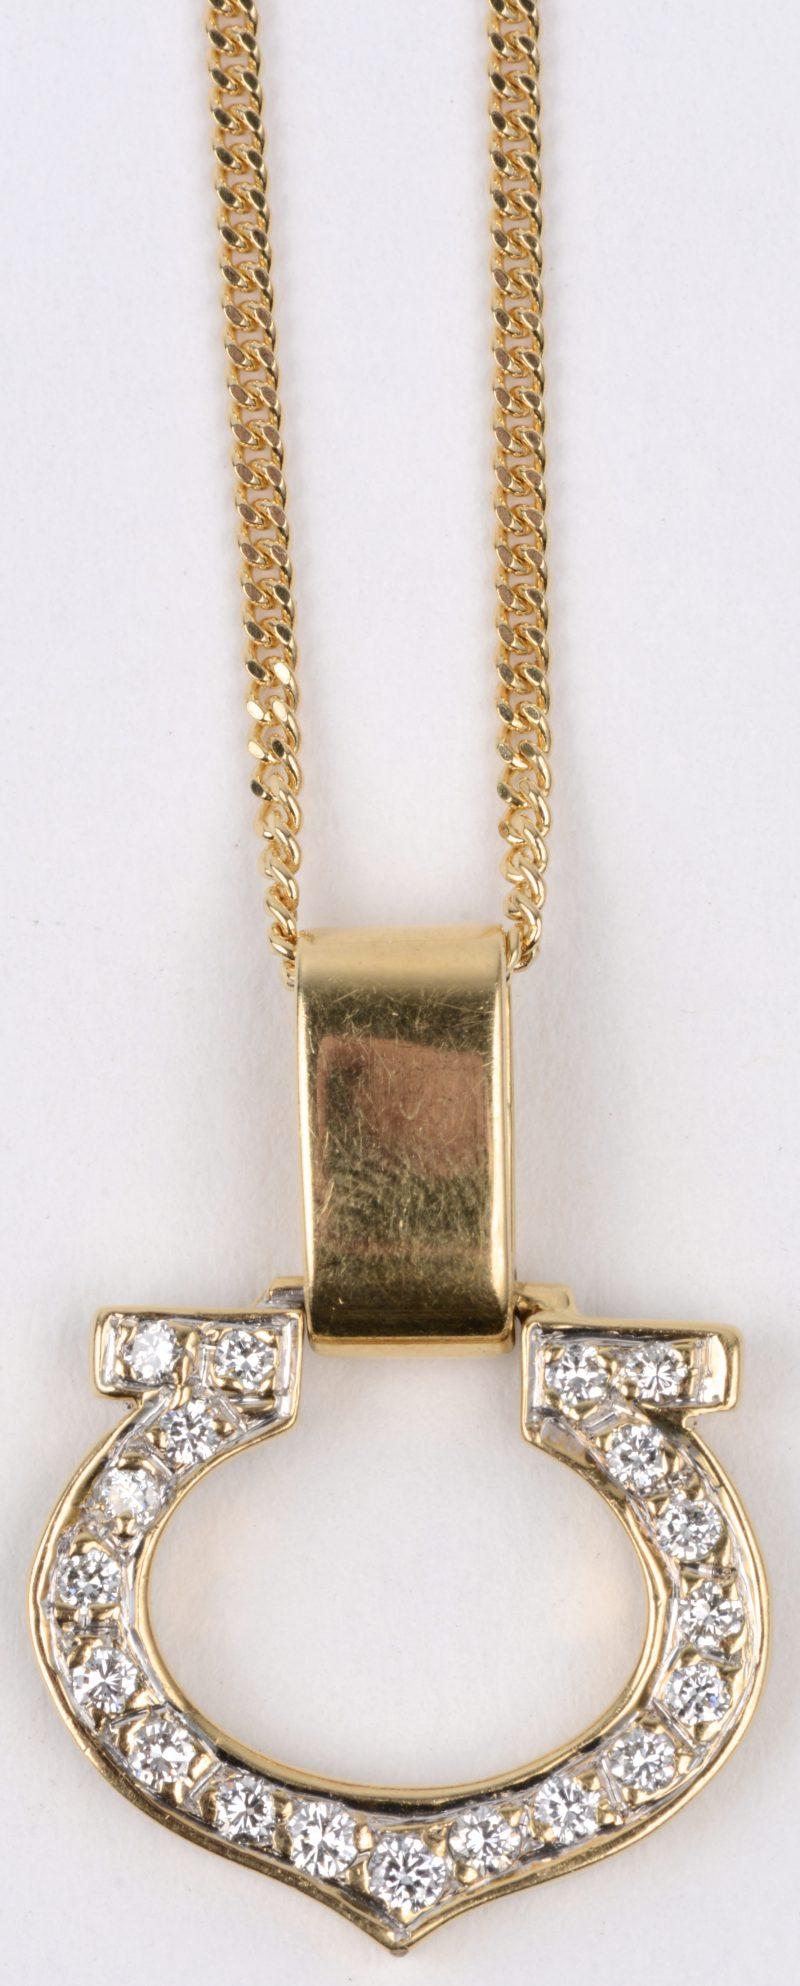 Een 18 karaats geel gouden ketting met hanger bezet met briljanten met een gezamenlijk gewicht van ± 0,40 ct.